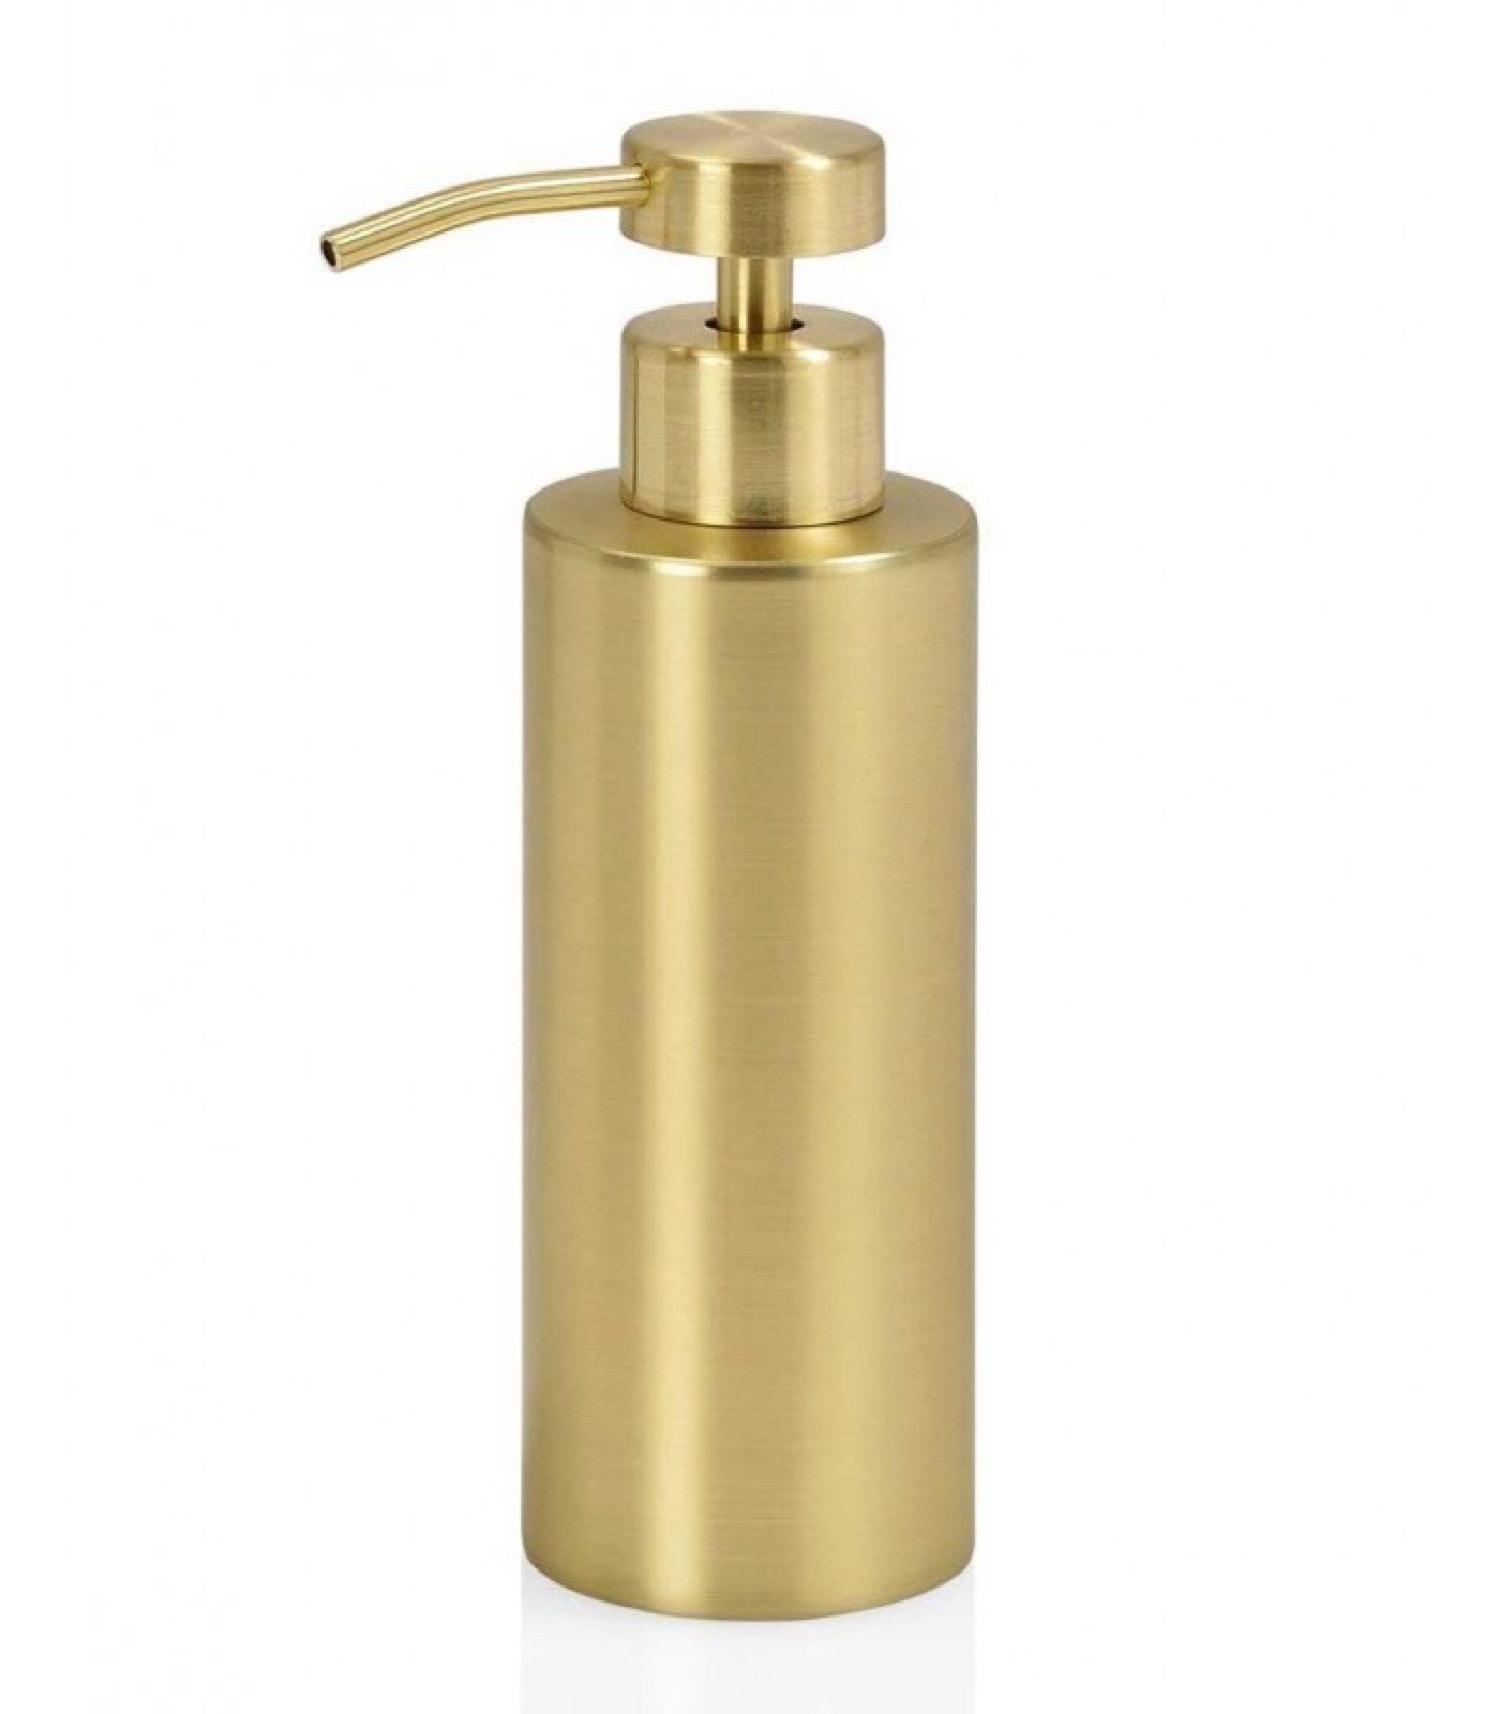 Distributeur de savon en métal doré 220ml